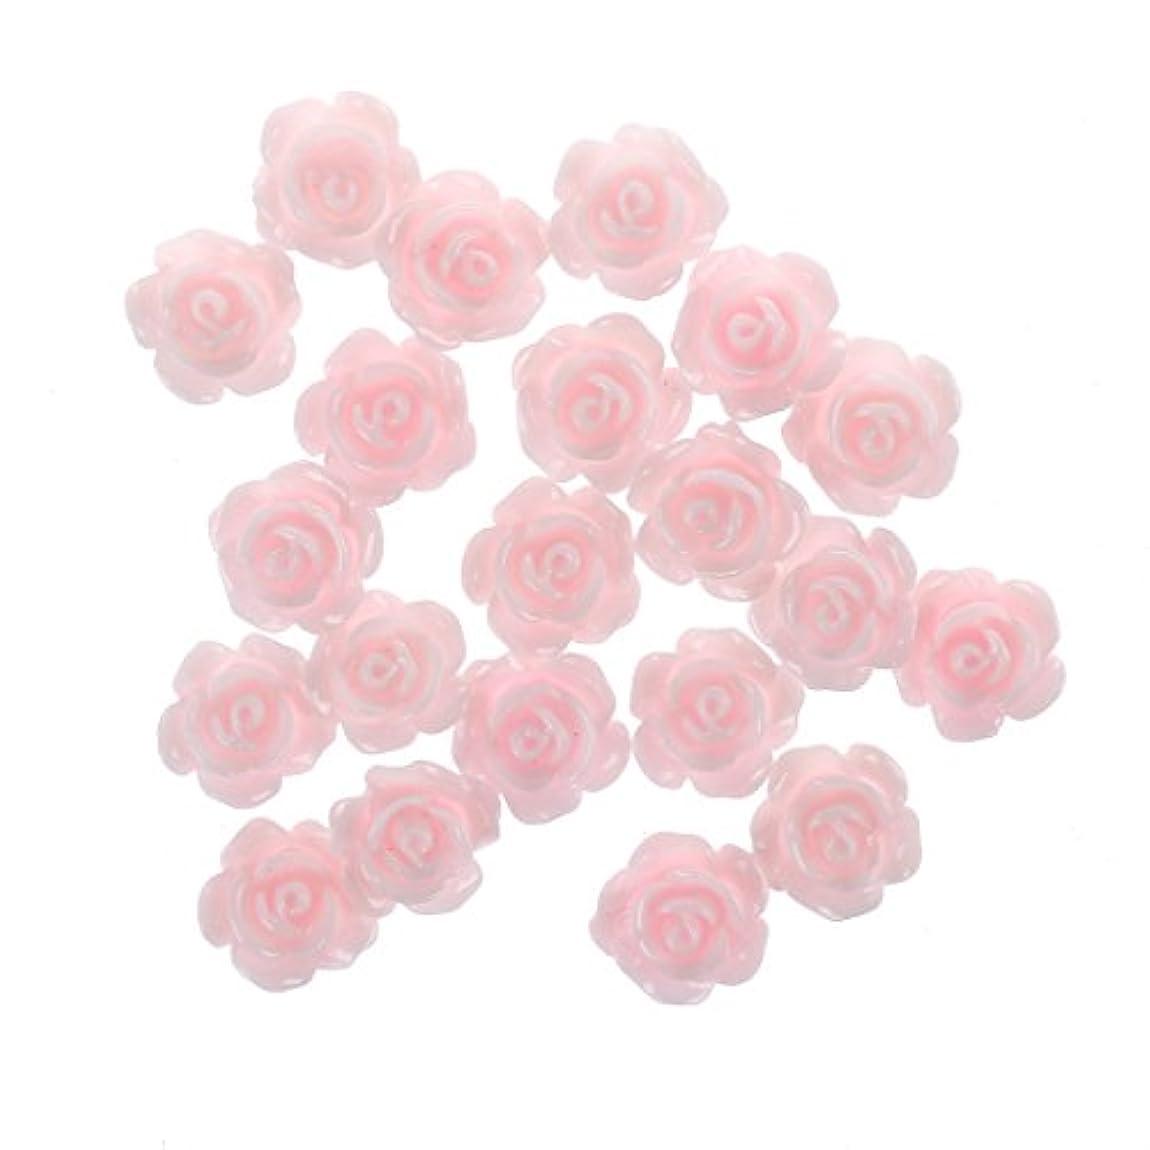 弾丸めんどり不適Gaoominy 20x3Dピンクの小さいバラ ラインストーン付きネイルアート装飾